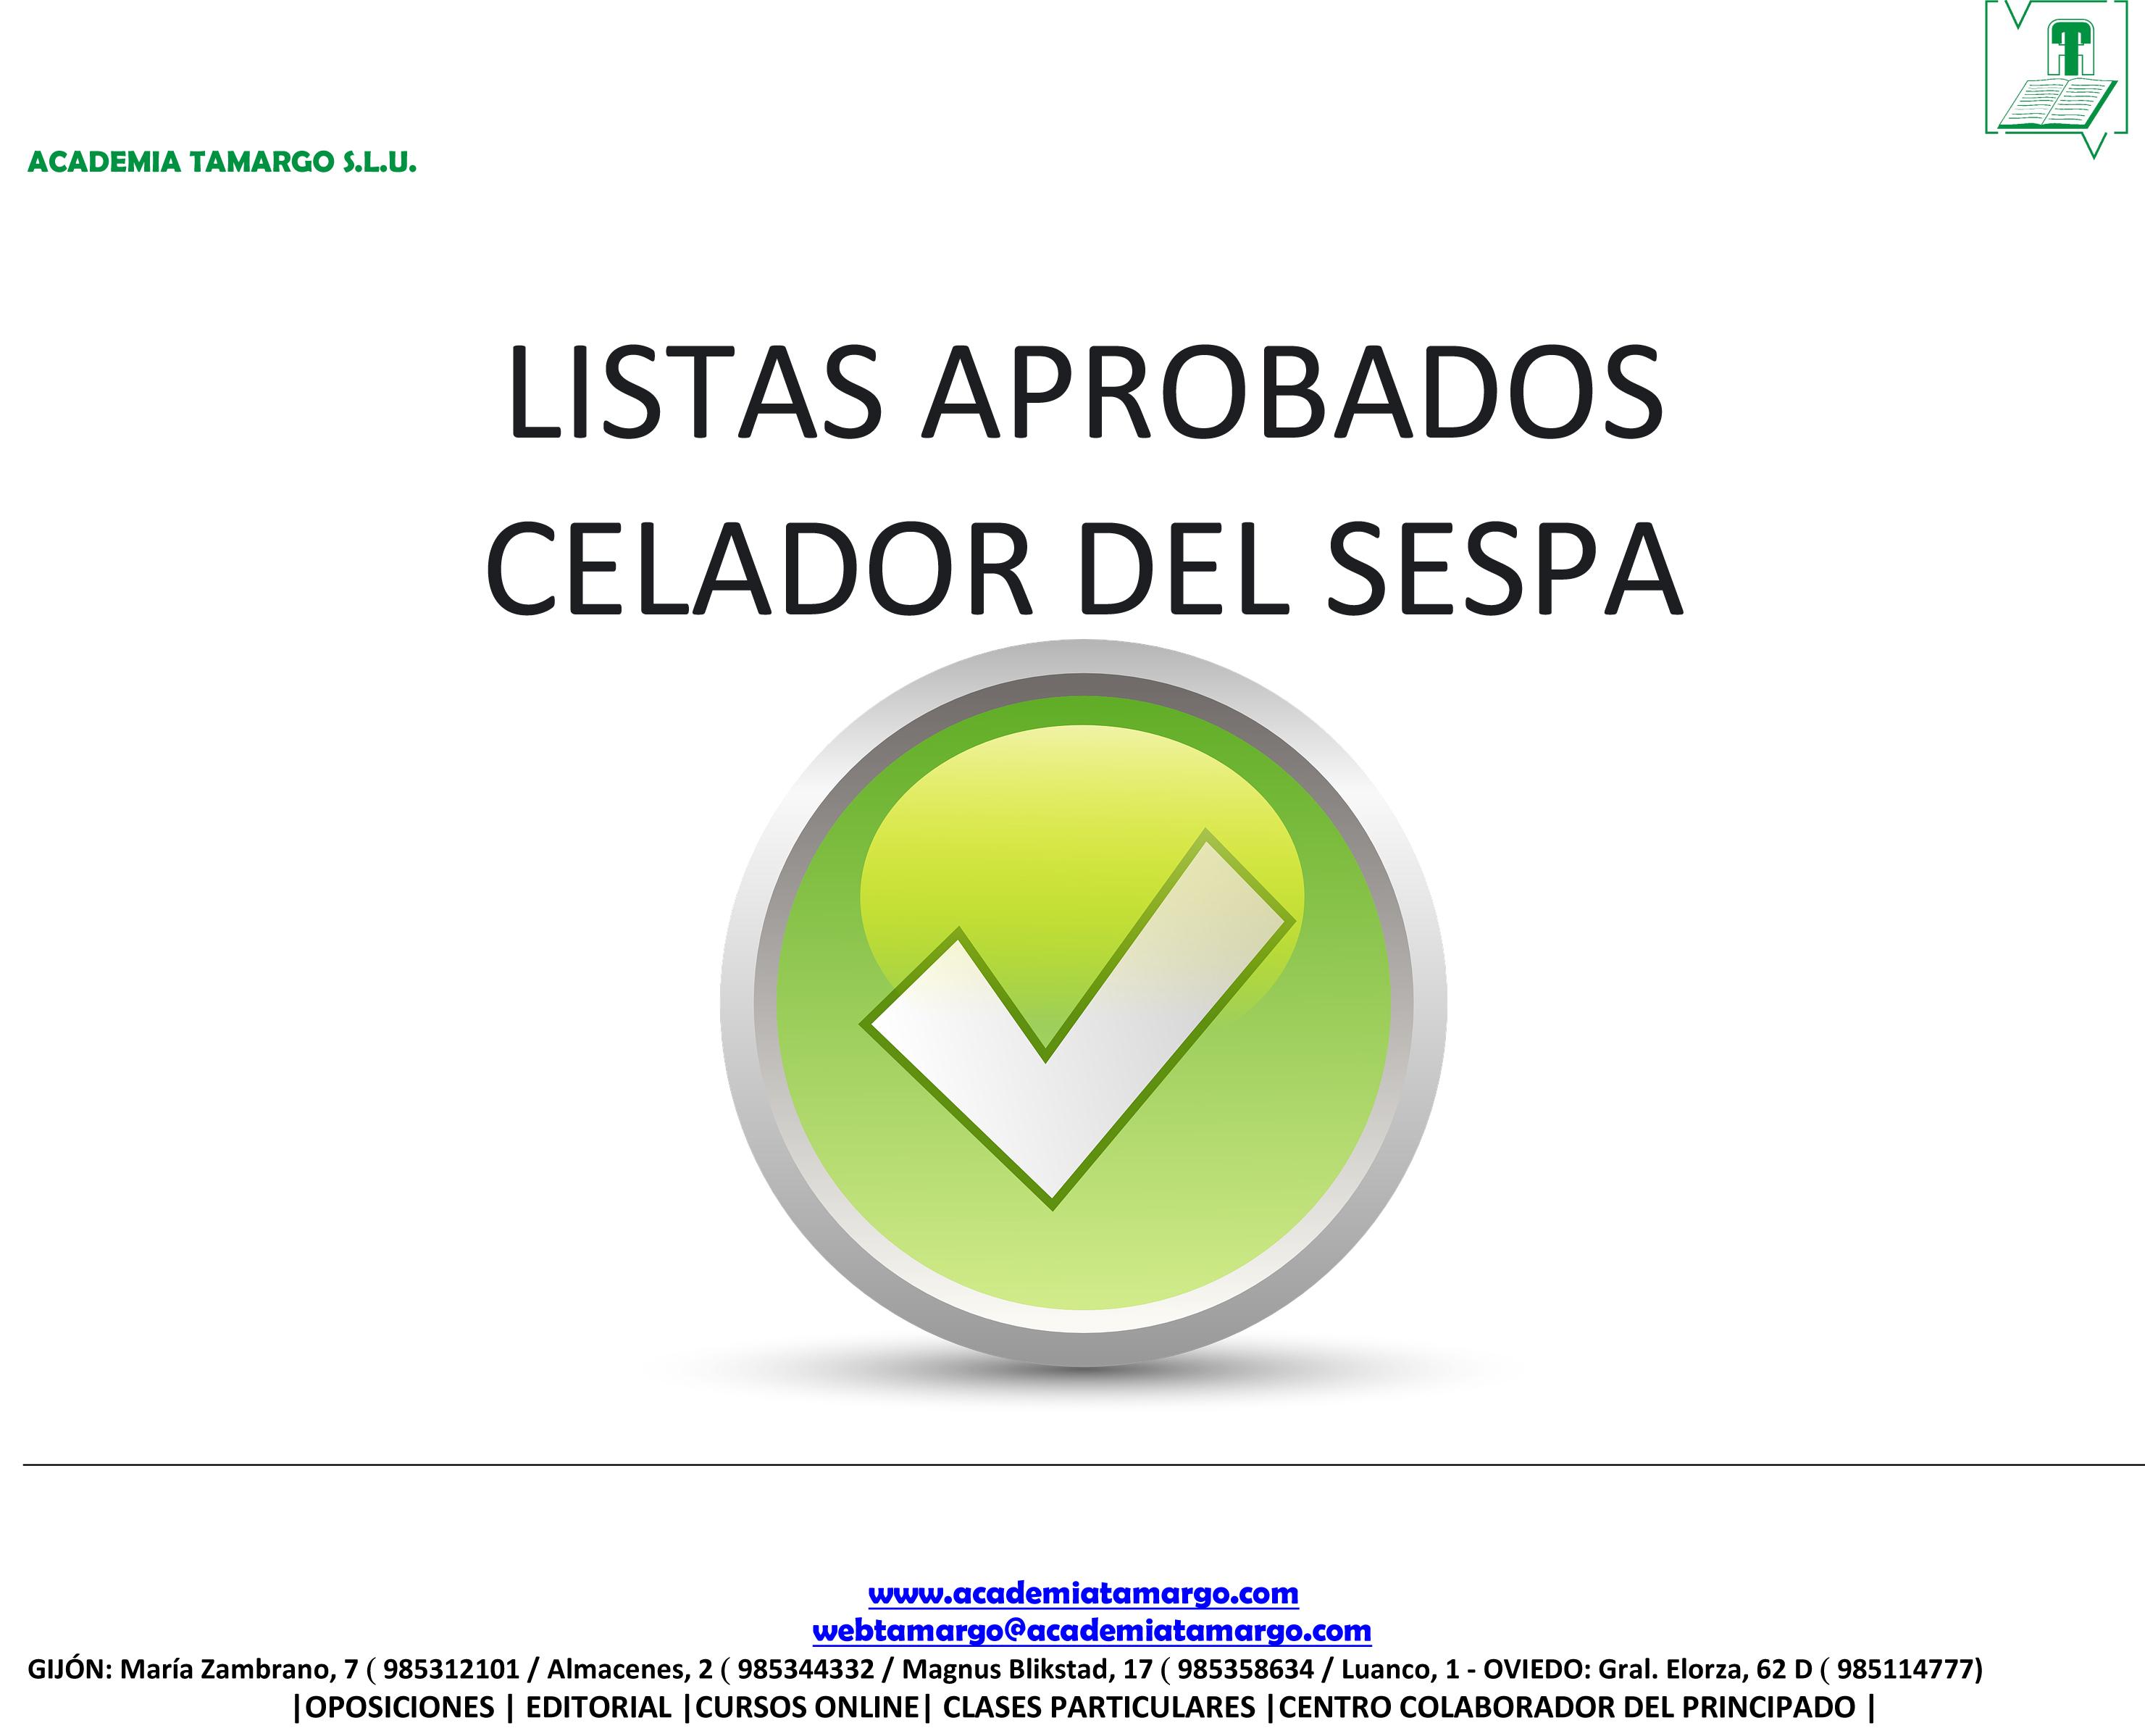 Microsoft Word – LISTAS APROBADOS CELADOR SESPA.docx